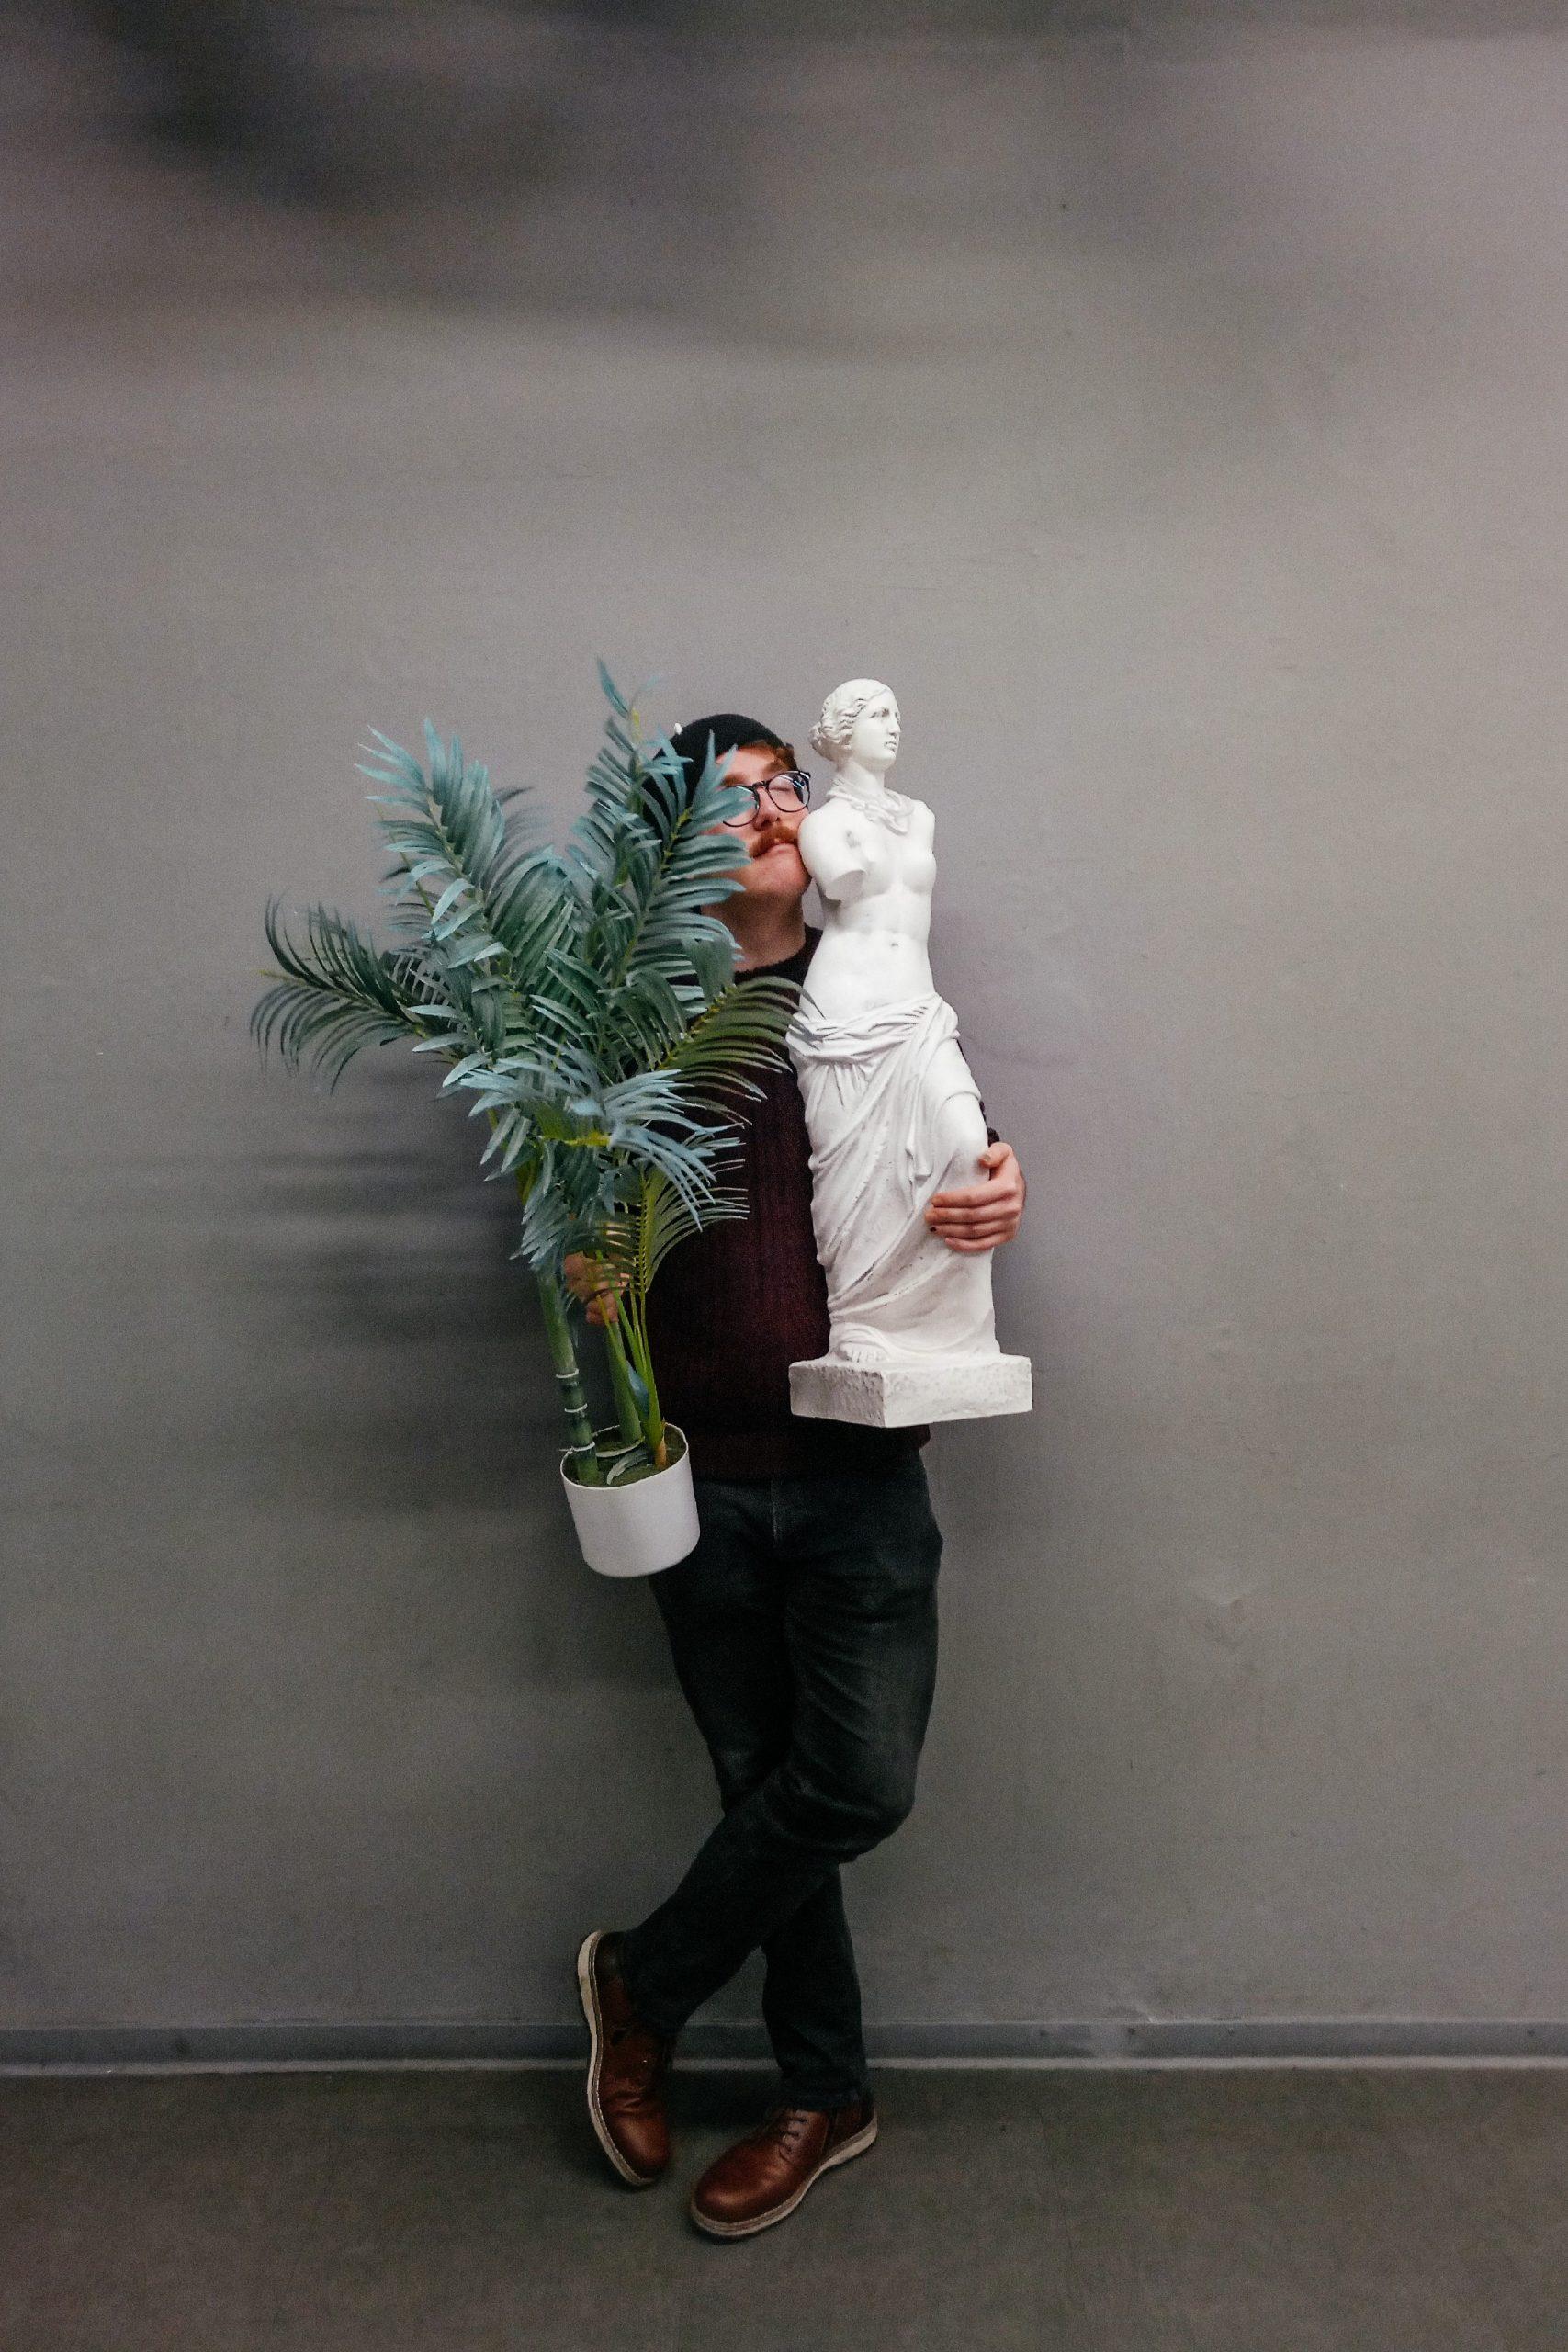 Nils Matzka steht mit verschränkten Beinen da. In der rechten Hand hält er eine Farnpflanze, im linken Arm eine weiße griechische Staute einer Frau.